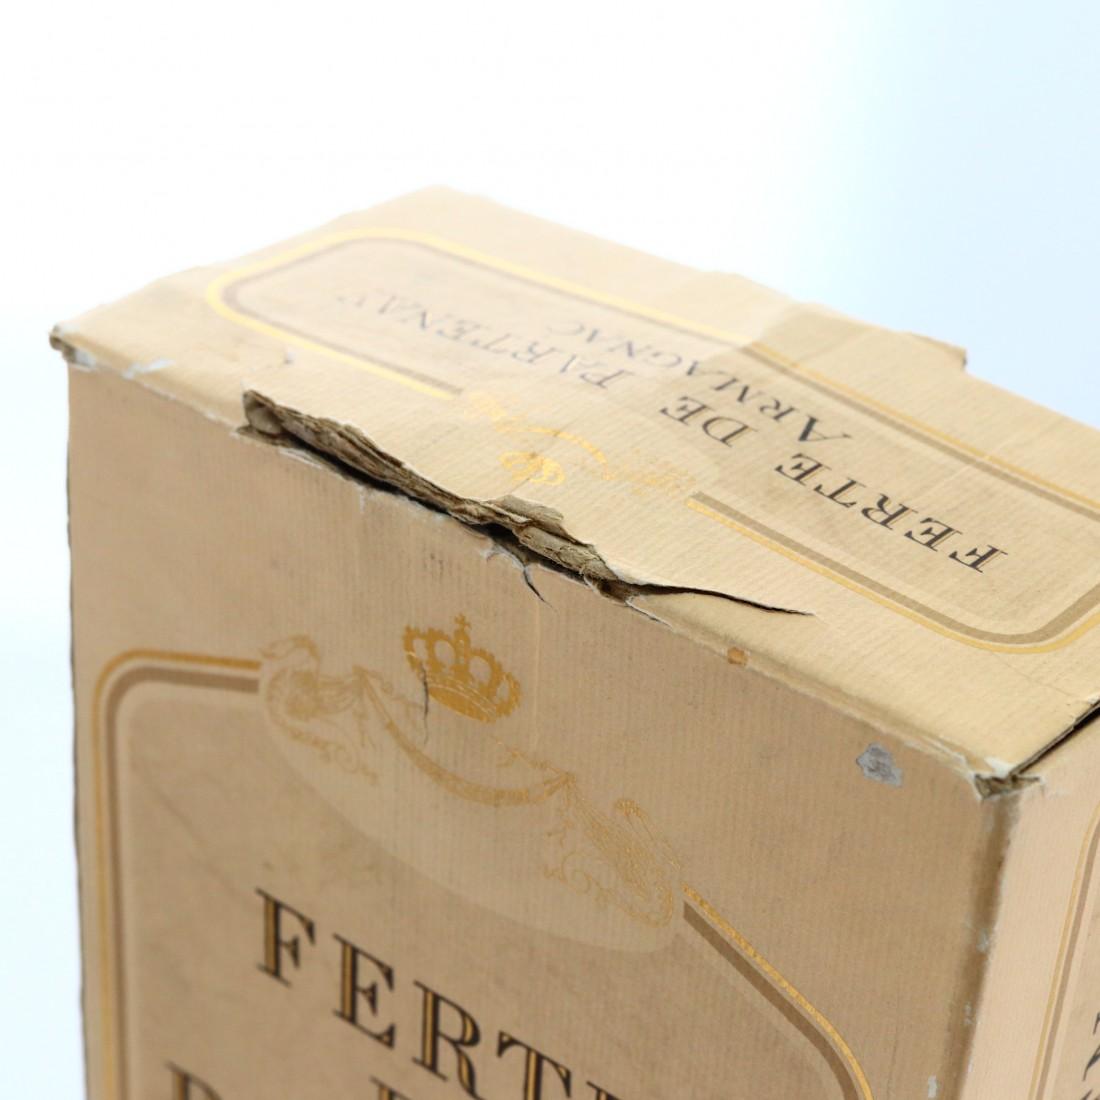 Ferte de Partenay 1948 Vintage Grand Armagnac / Royal Marriage 1981